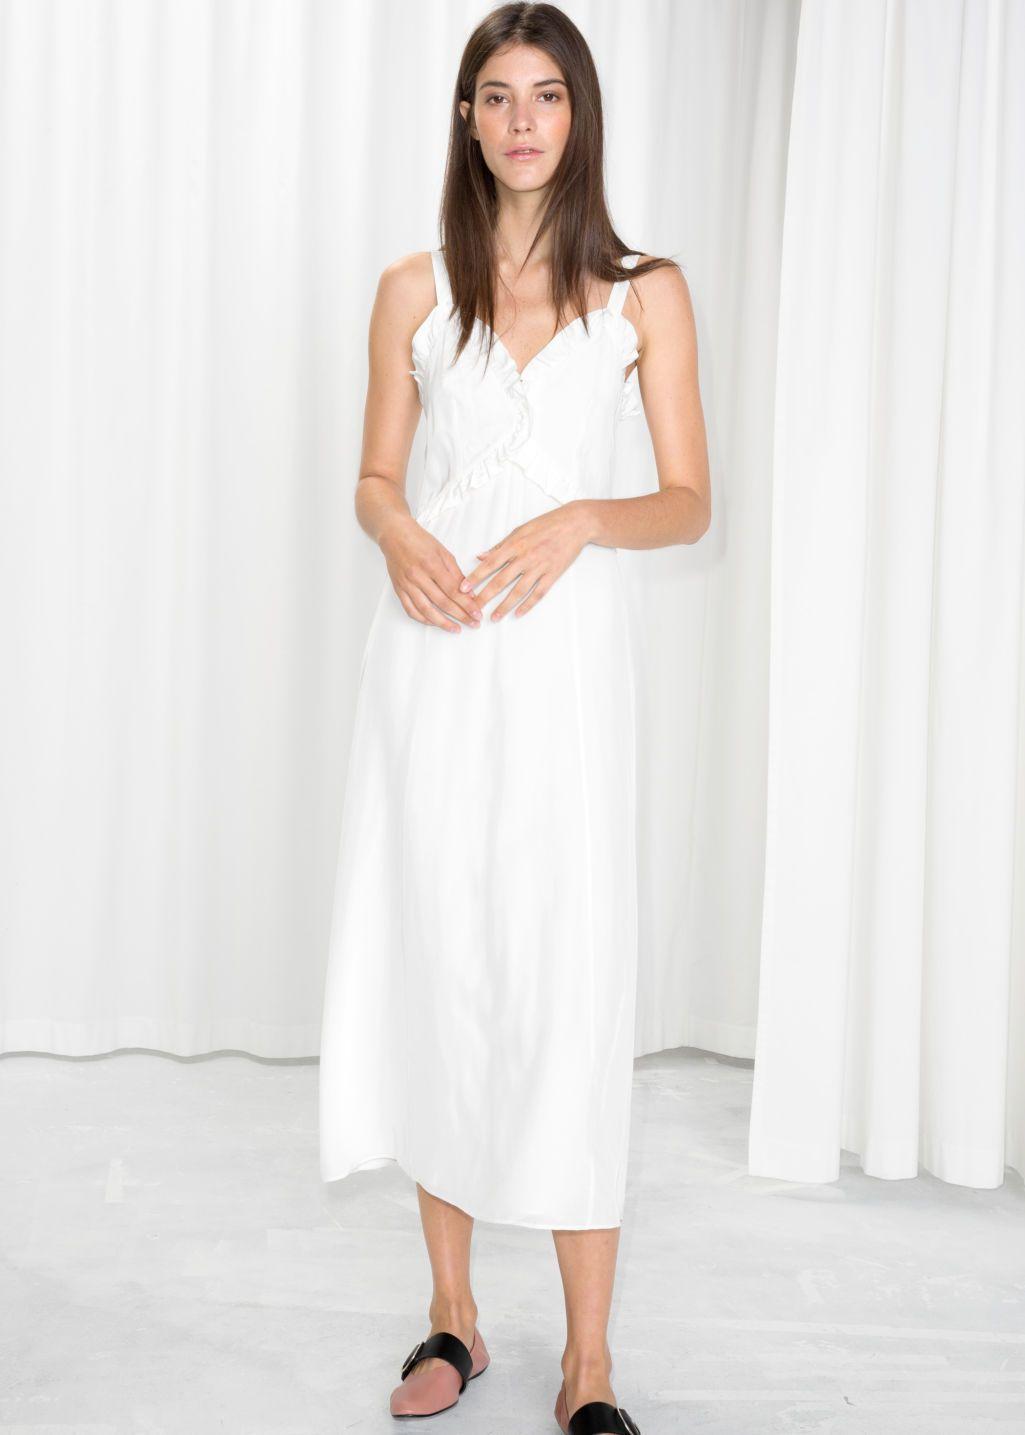 Sweetheart Ruffle Midi Dress Midi Ruffle Dress Dresses Midi Dress [ 1435 x 1025 Pixel ]